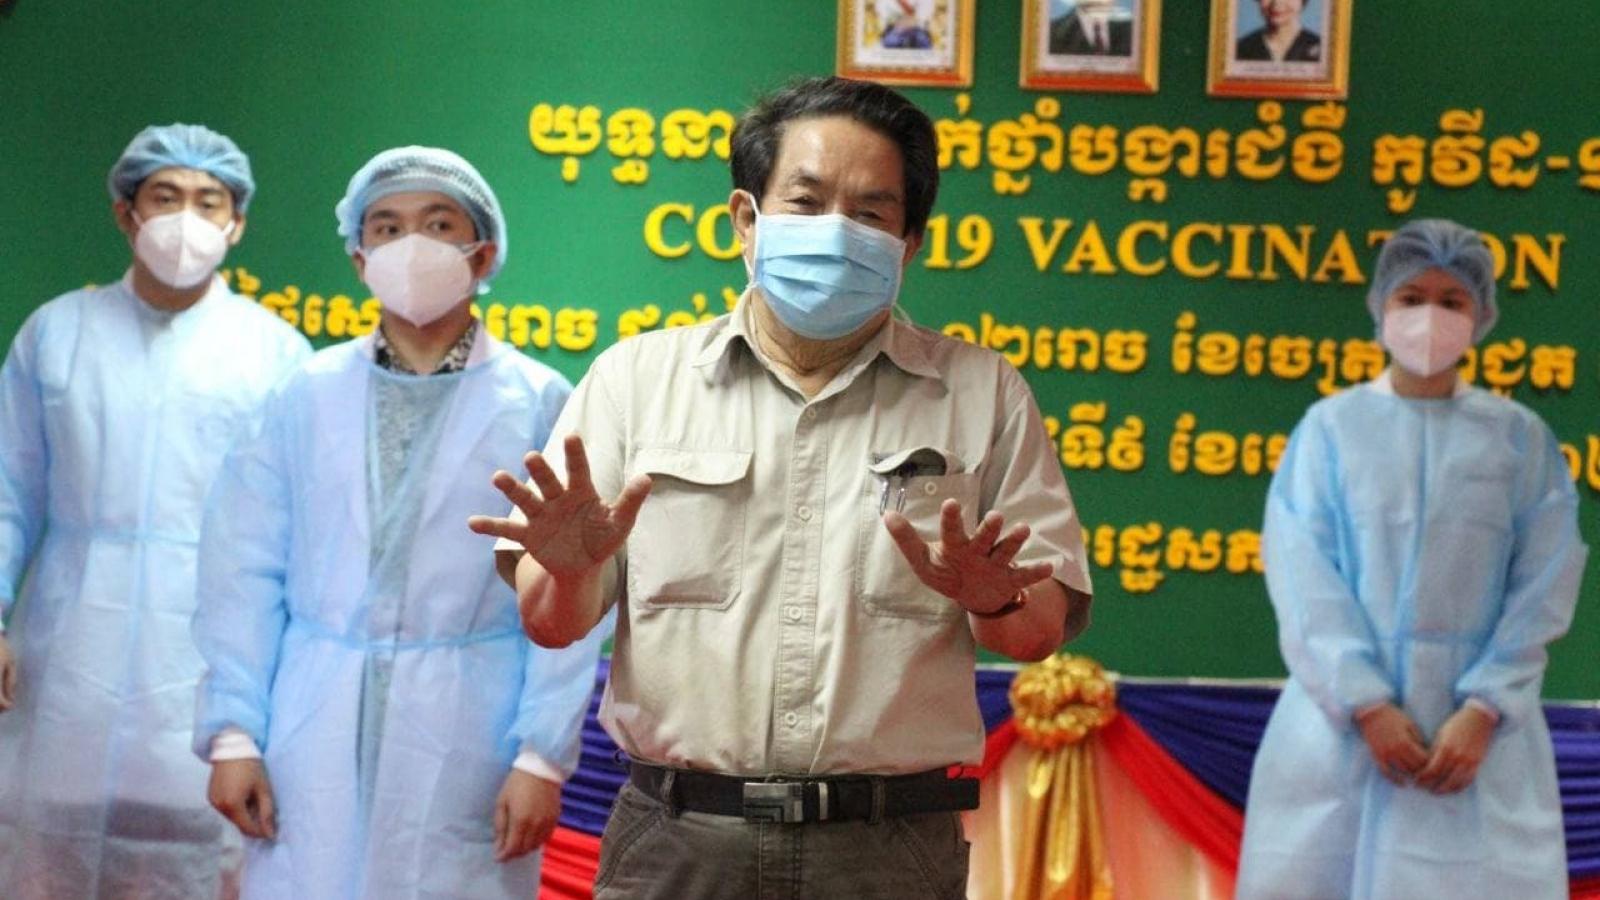 Một quan chức Quốc hội Campuchia mắc Covid-19 sau khi đã tiêm phòng